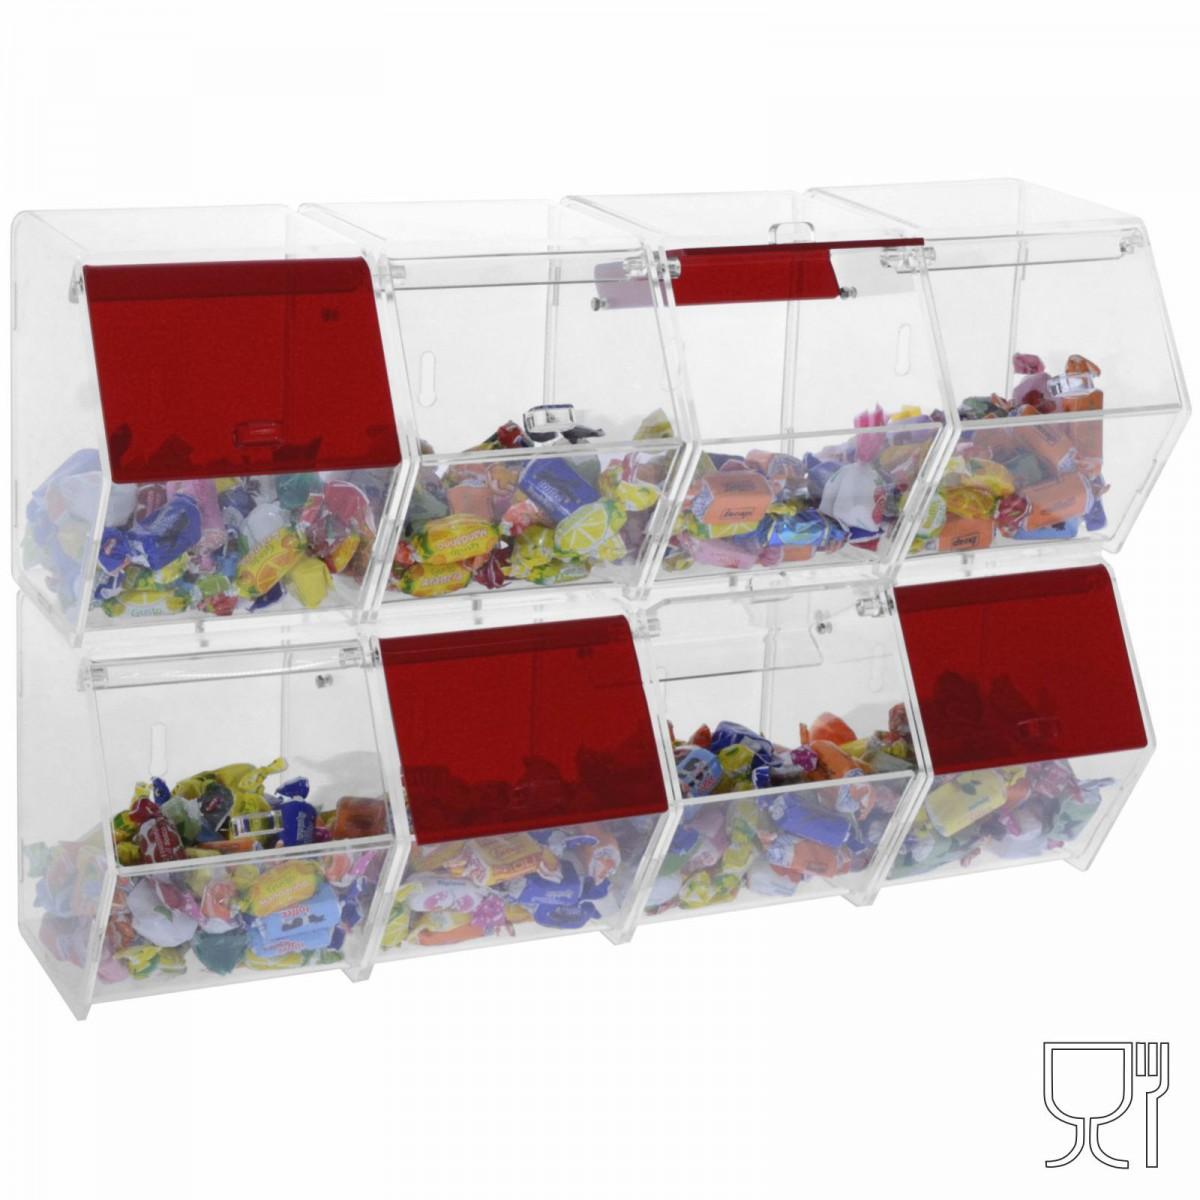 Contenedor para caramelos o granillas  con cajones 8 compartimentos con puerta